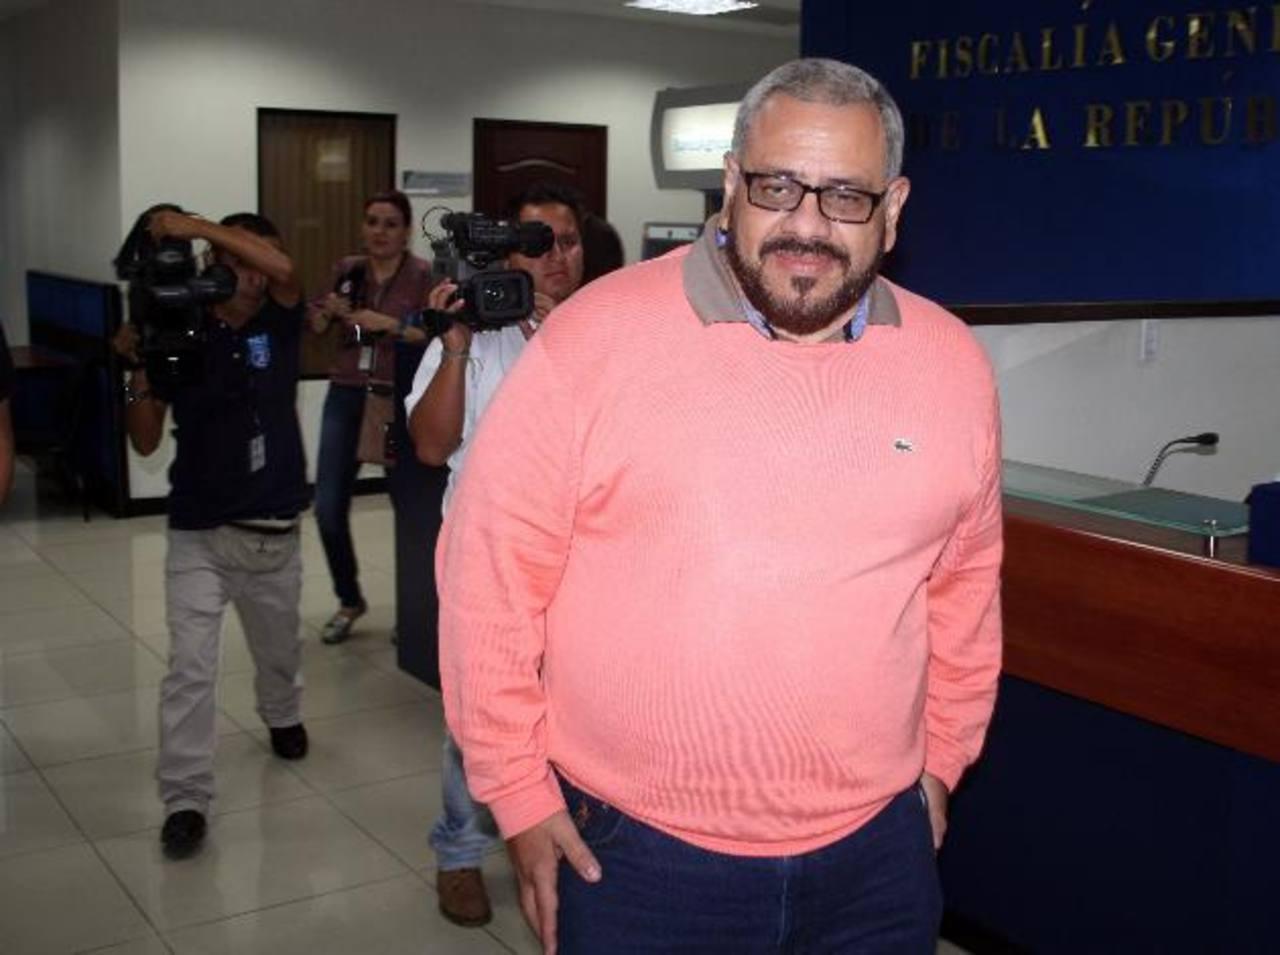 El exviceministro Douglas Moreno, a su salida en la Fiscalía General de la República. Ha dicho que las autoridades le dieron beneficios en exceso a los reos como parte de la tregua. Foto EDH